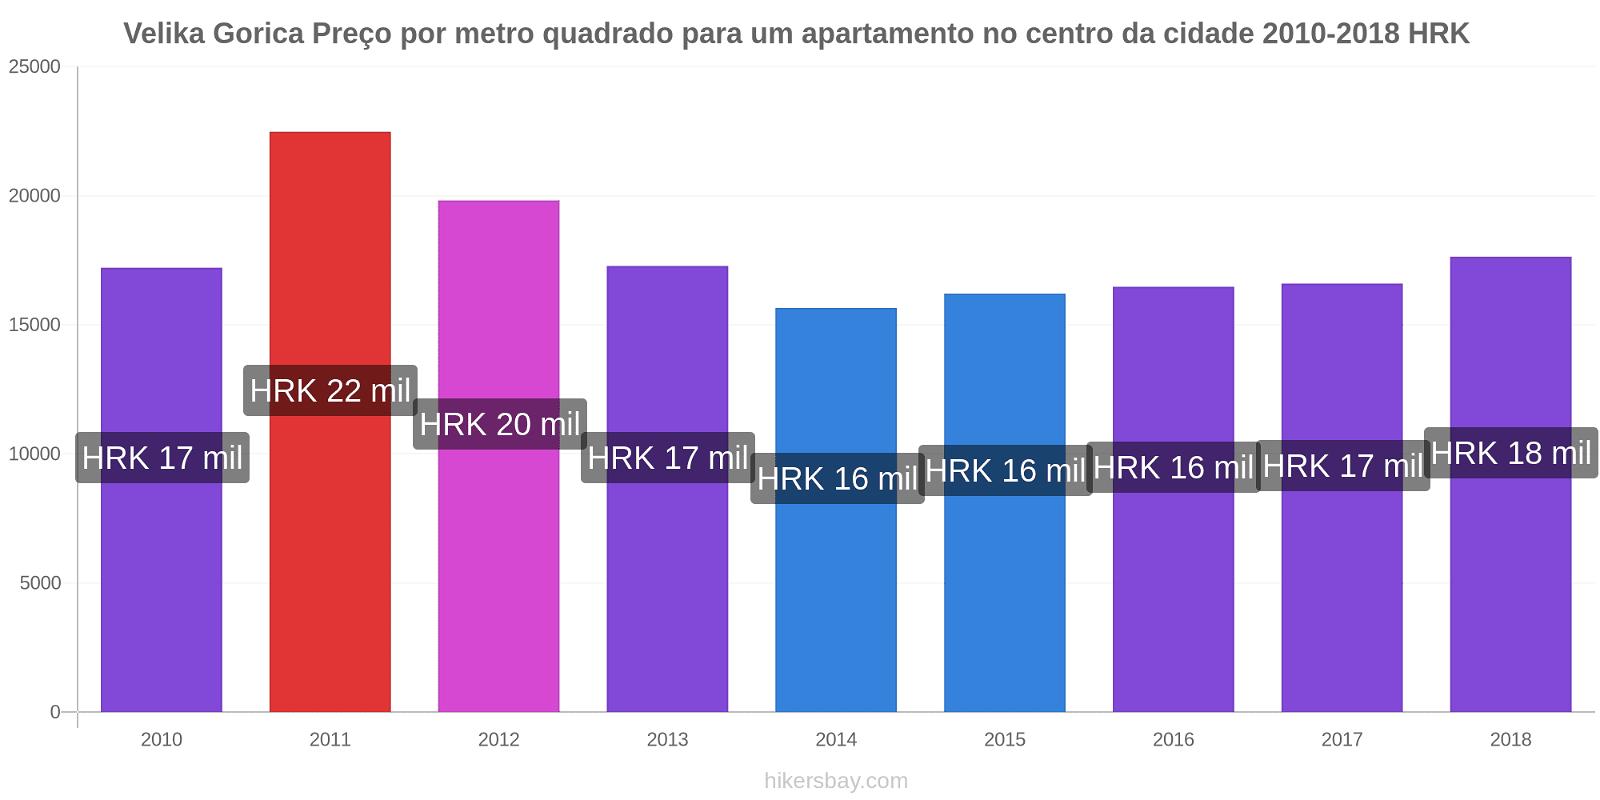 Velika Gorica variação de preço Preço por metro quadrado para um apartamento no centro da cidade hikersbay.com